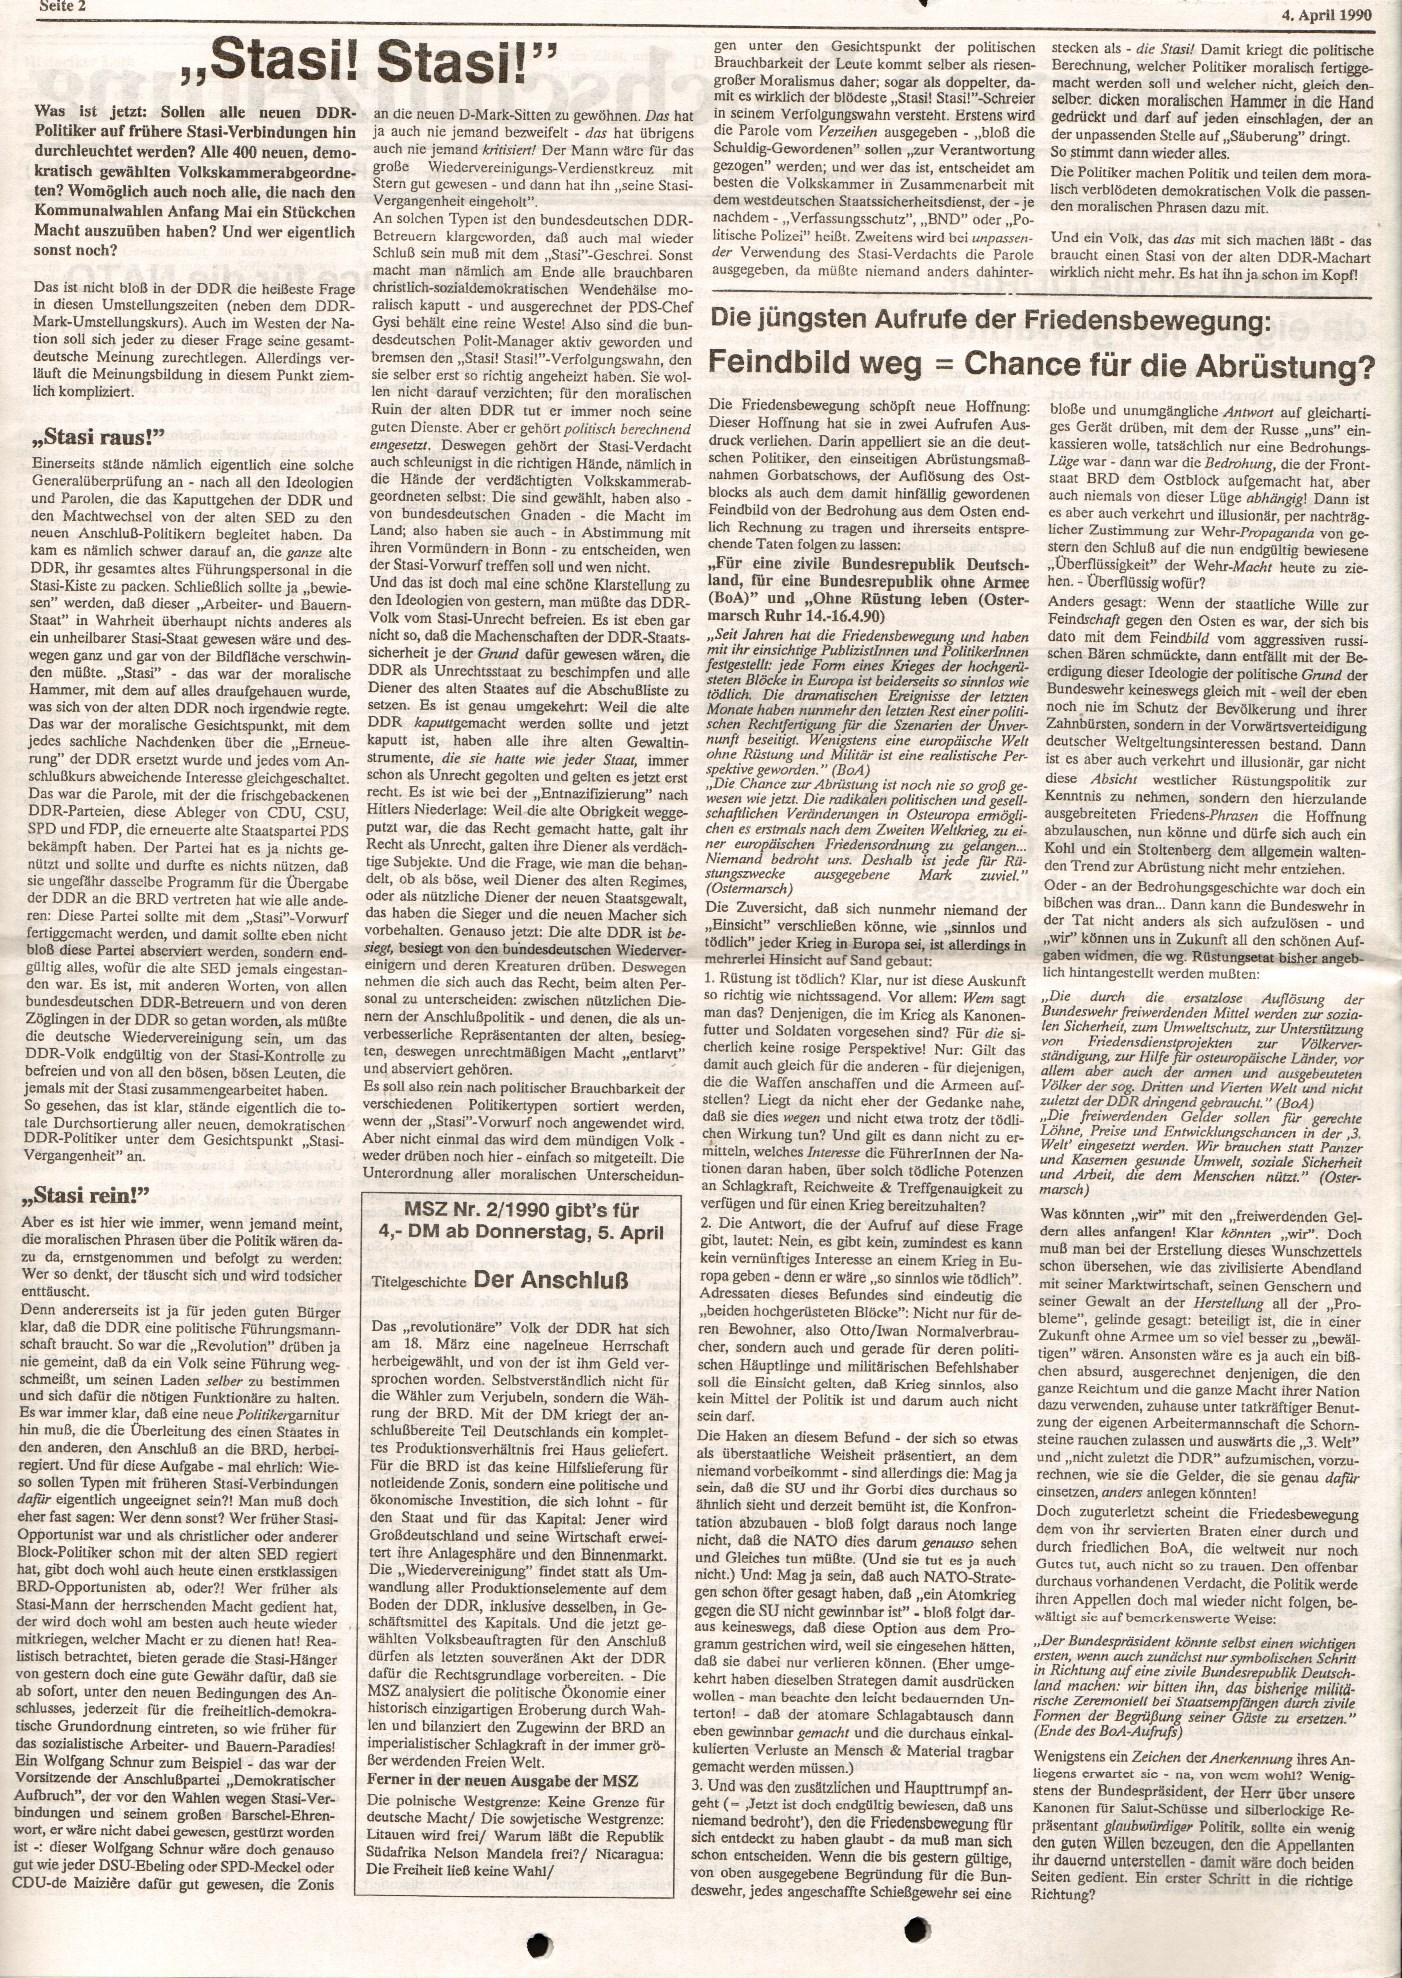 MG_Bochumer_Hochschulzeitung_19900404_02